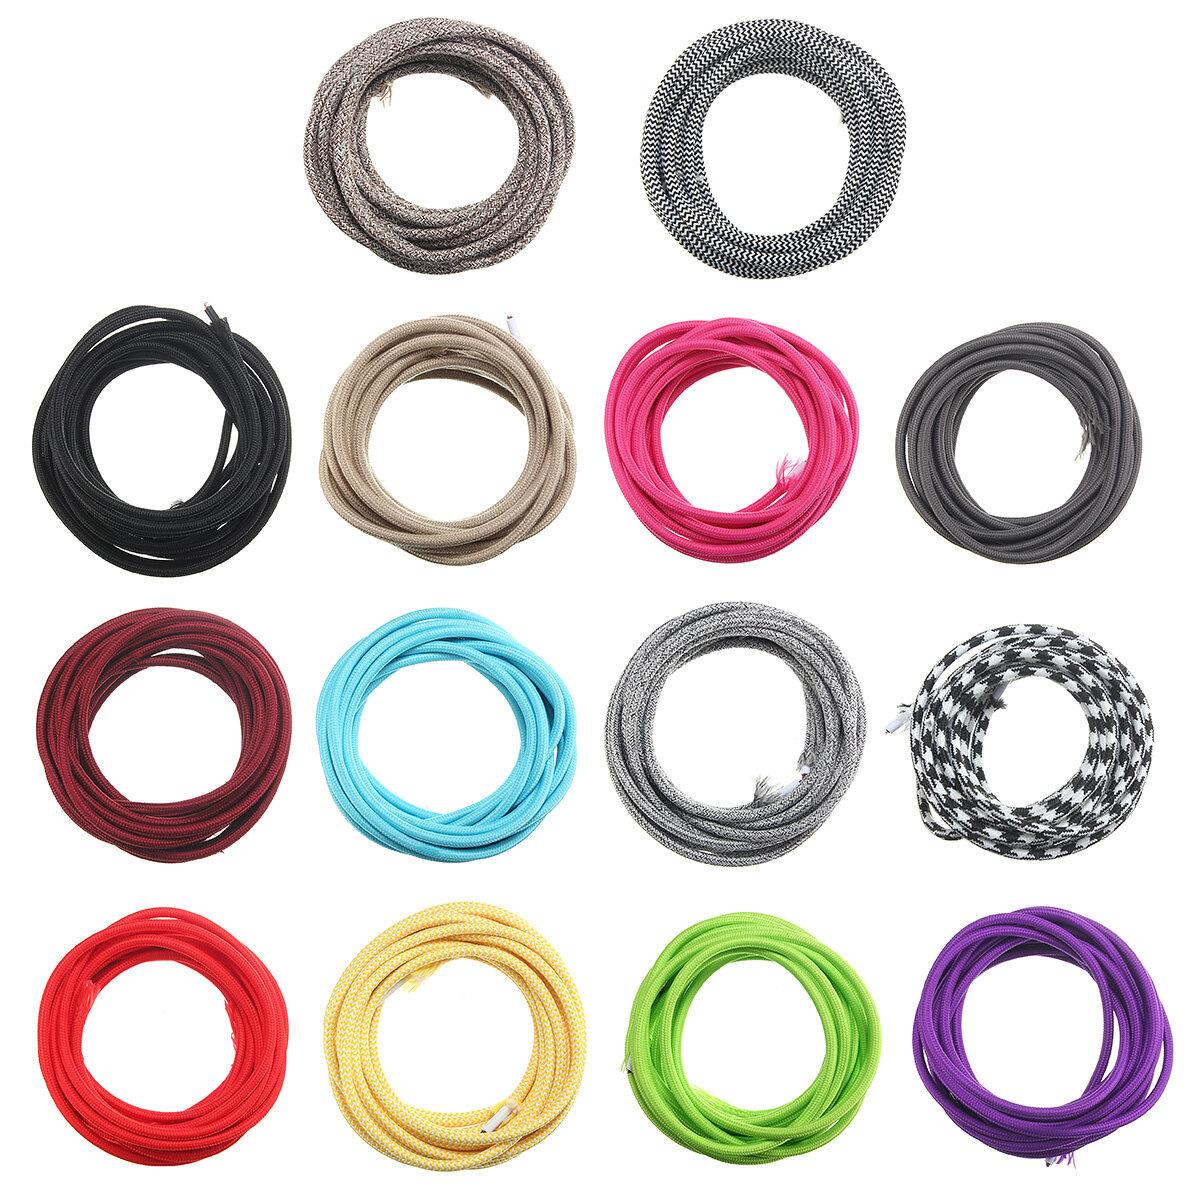 5м 2 шнура цвет марочные твист плетеный ткани свет кабель электрический провод